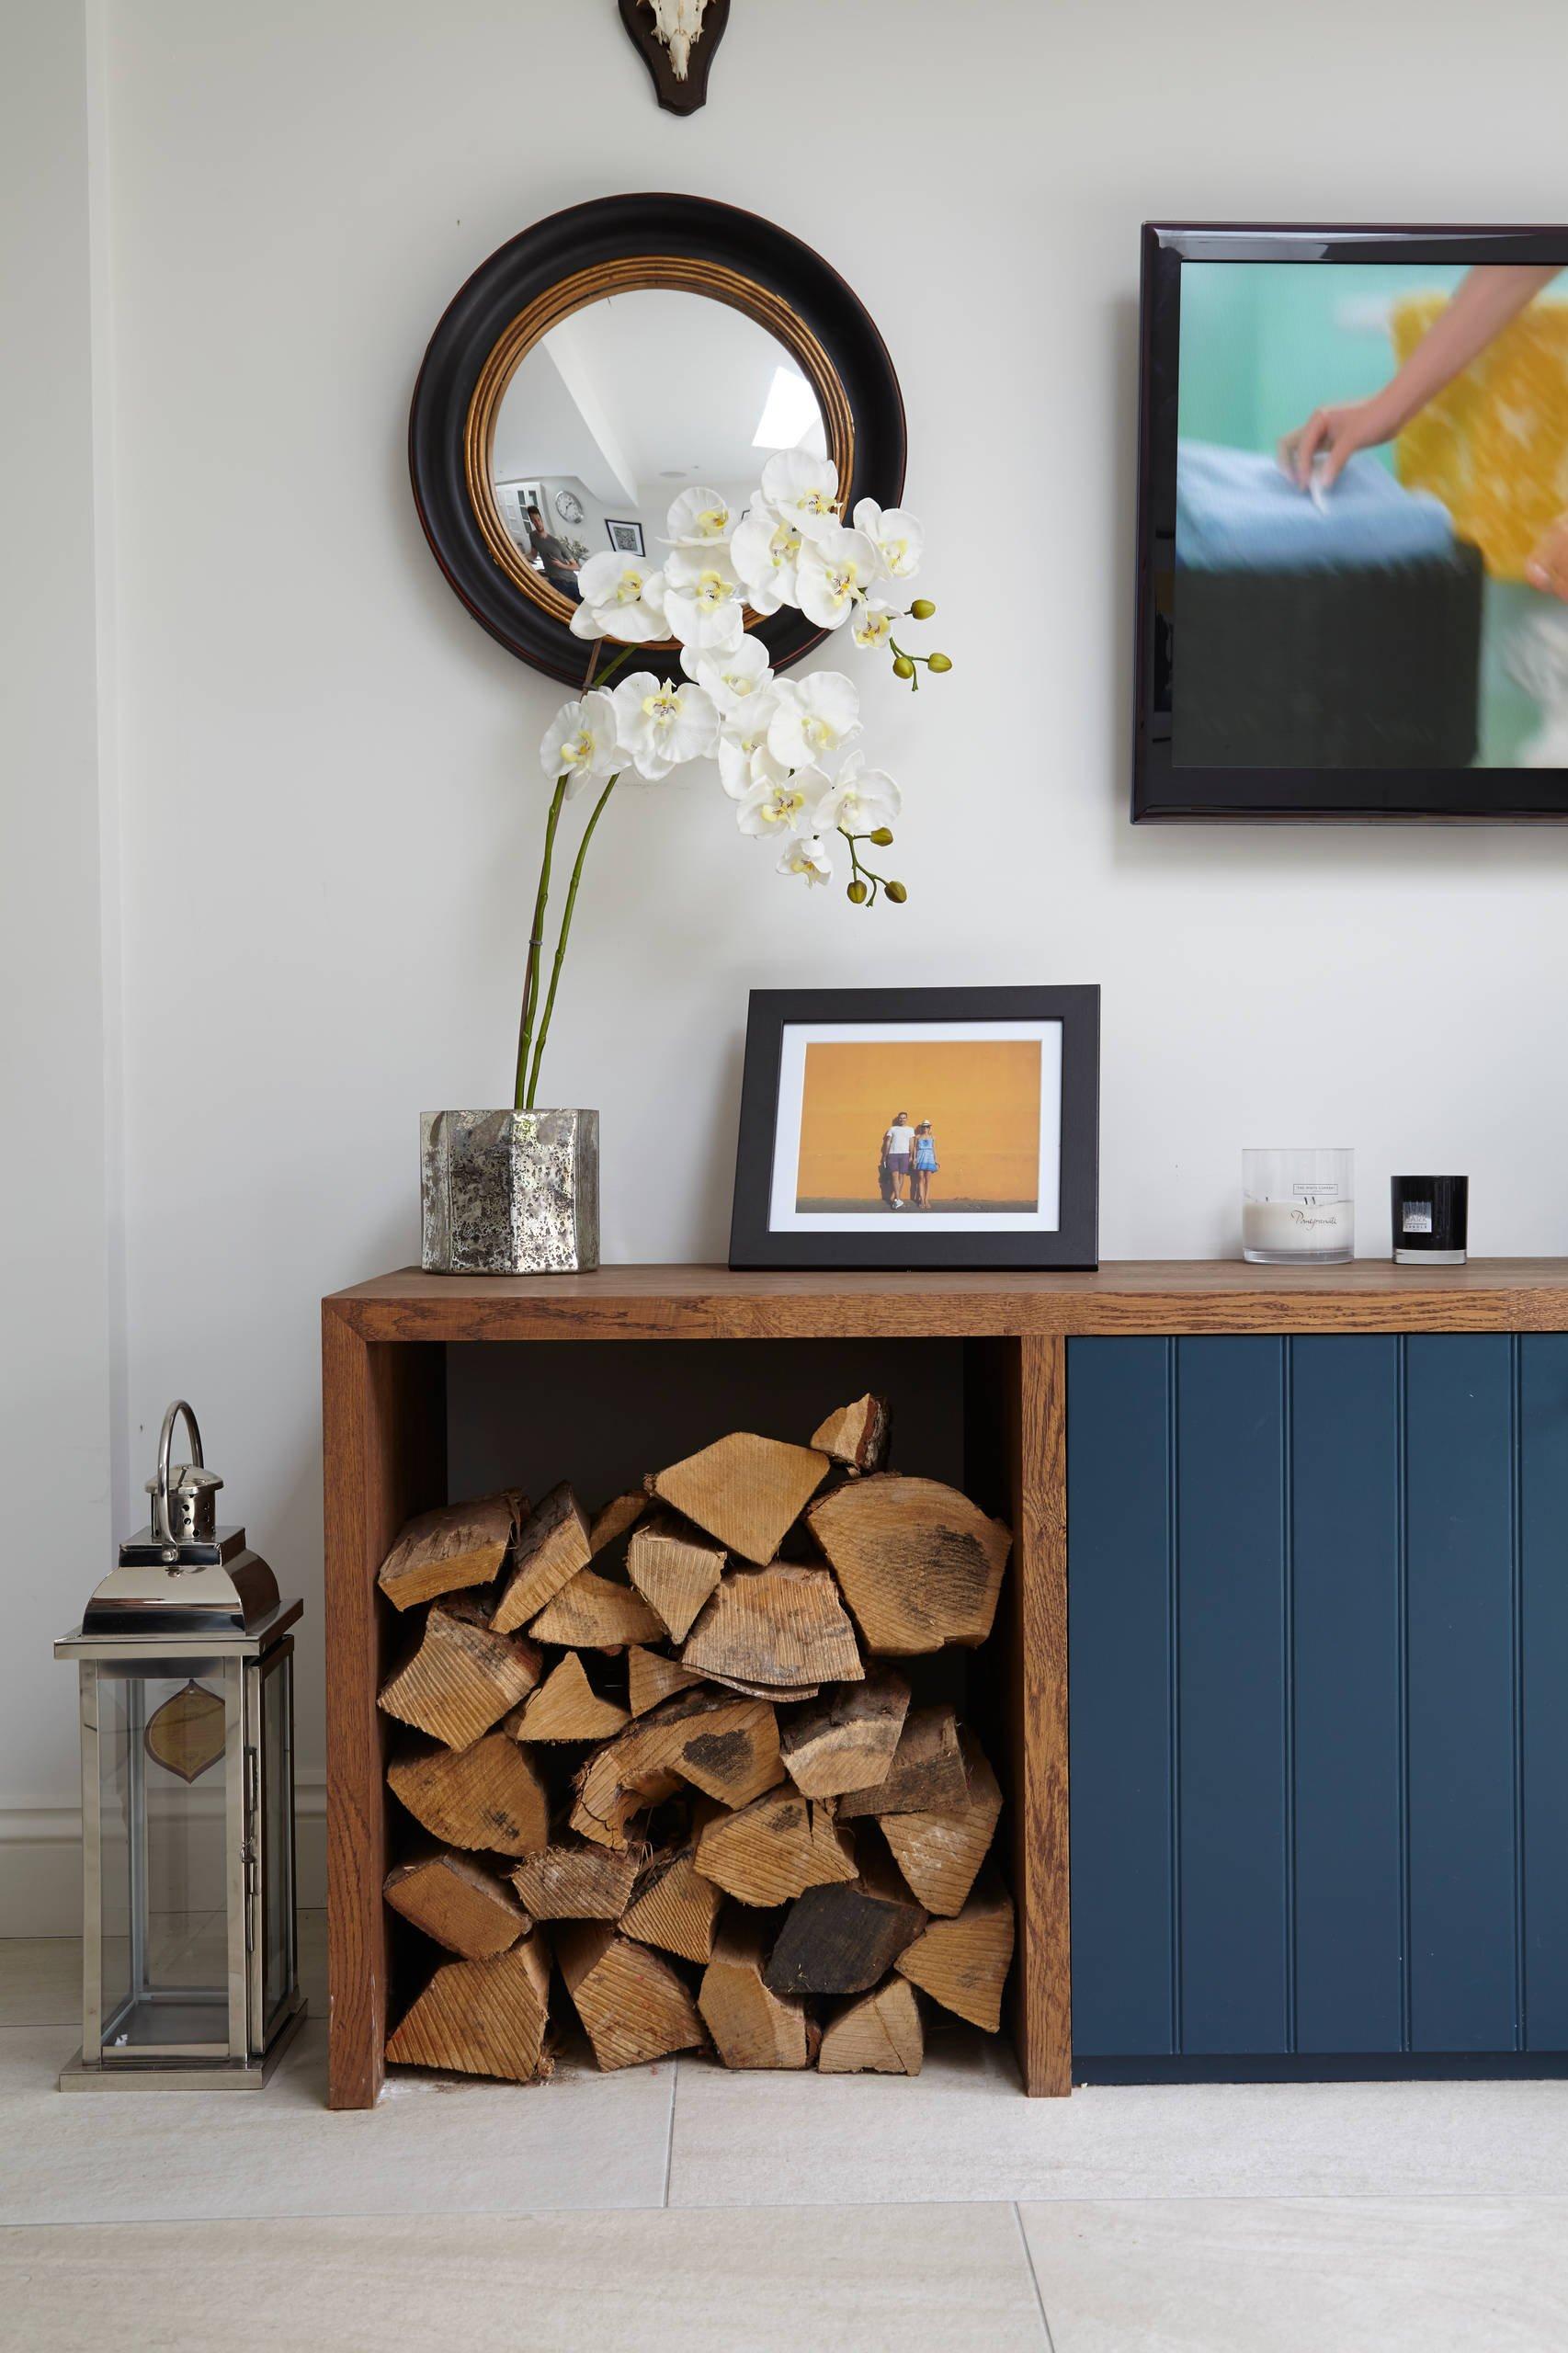 Ideen für stilvolle Brennholzlagerung zu Hause